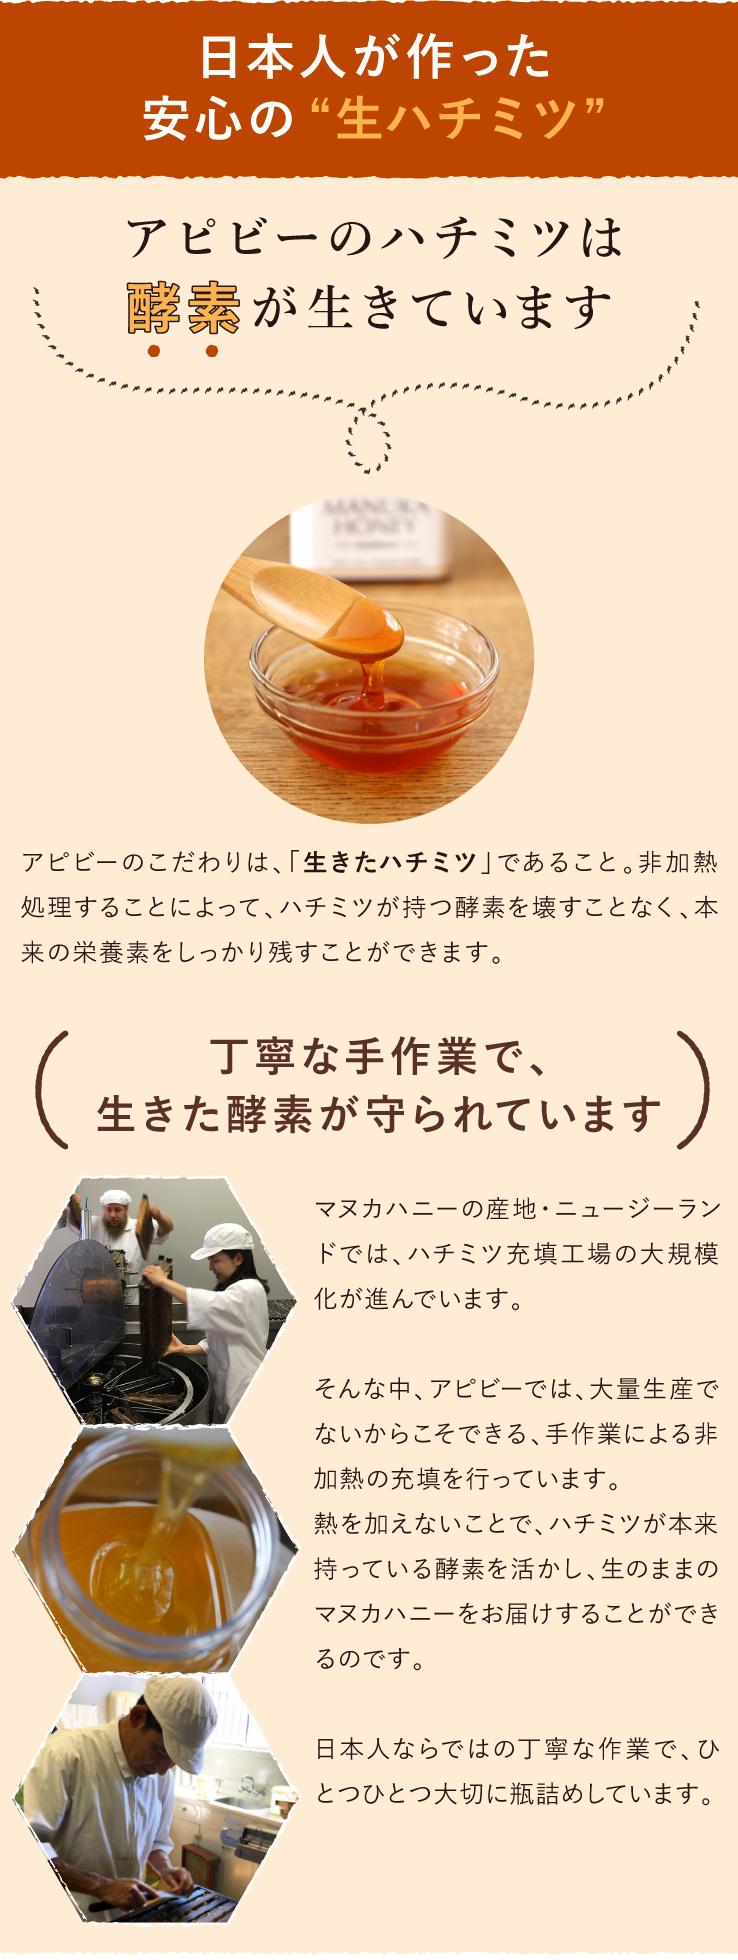 日本人が作った安心の生ハチミツ